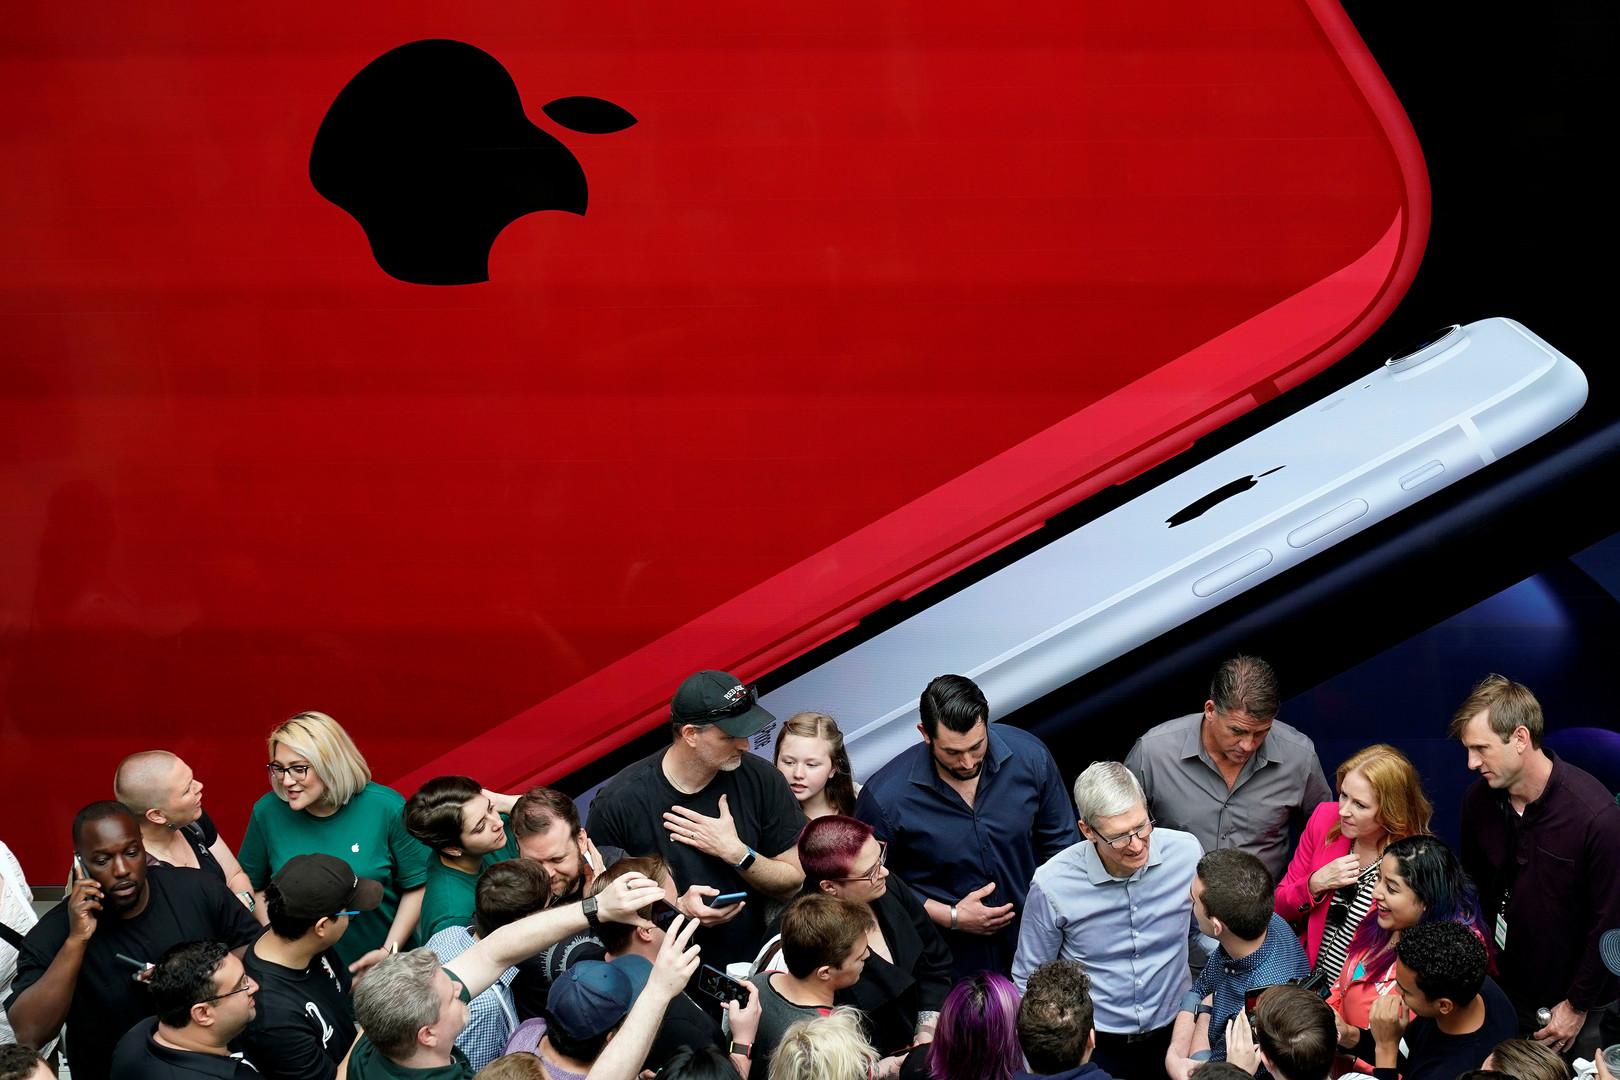 هبوط سهم  Apple  بفعل التوترات التجارية  -